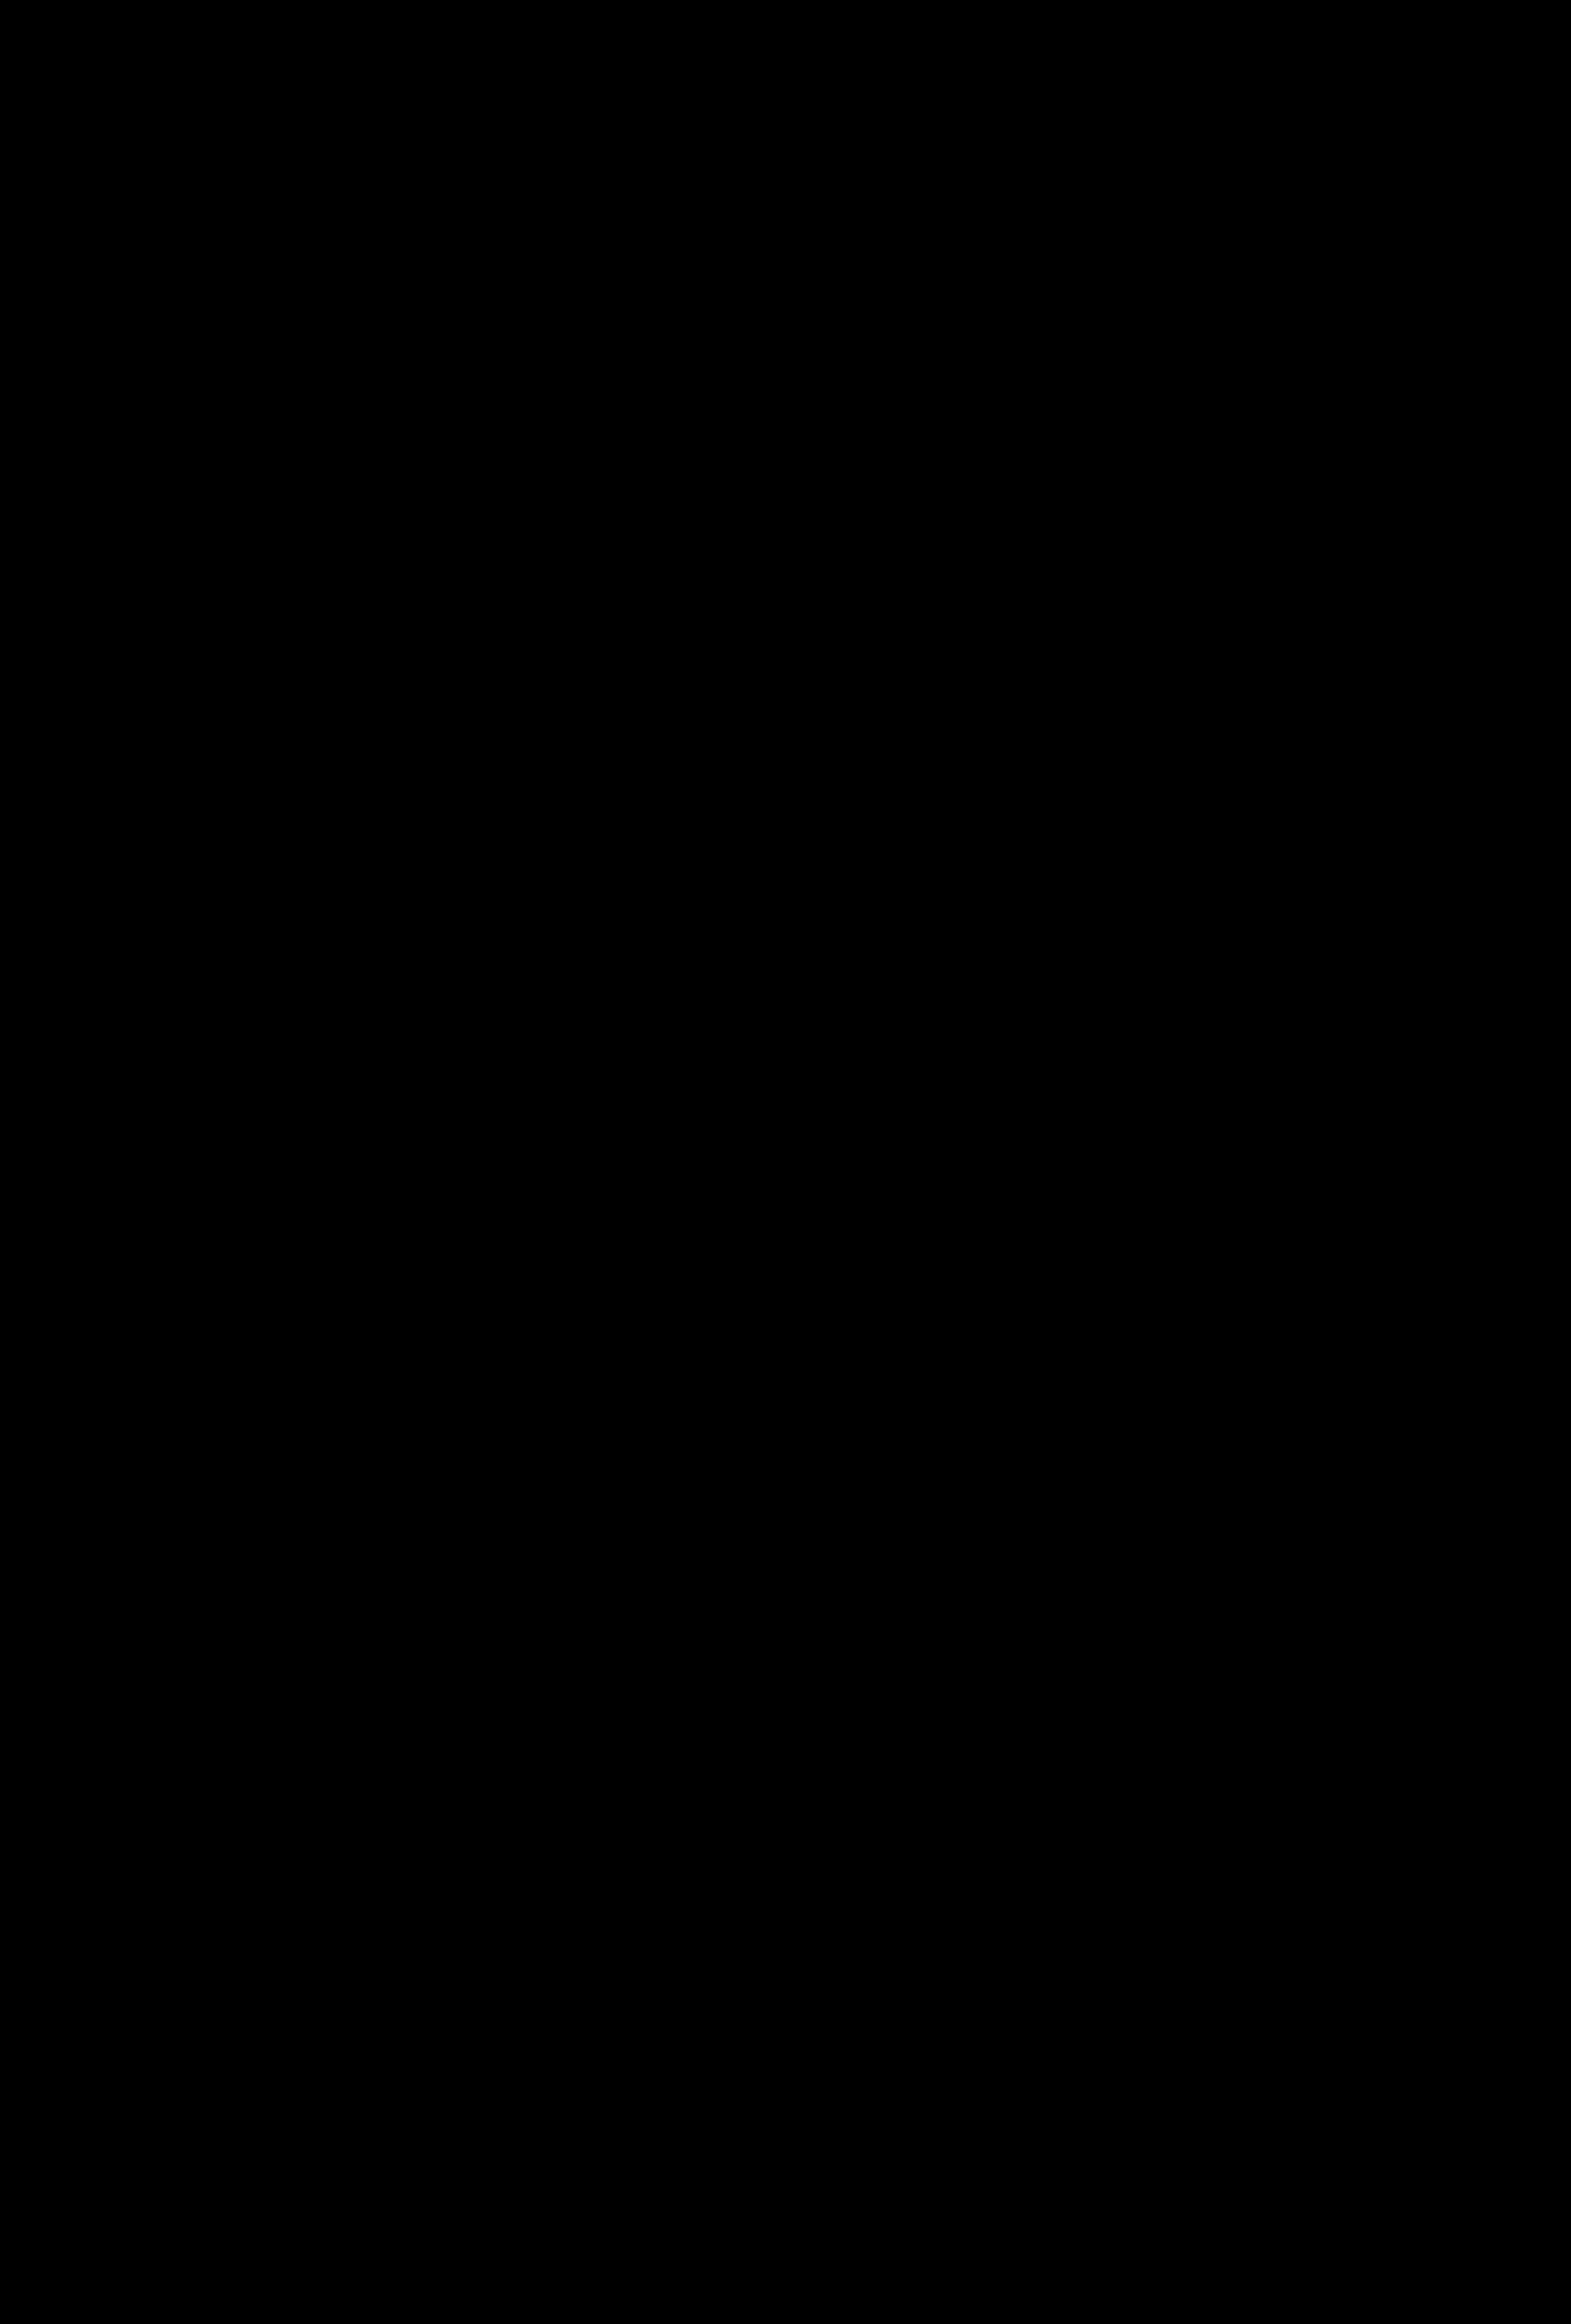 The MetersPoster